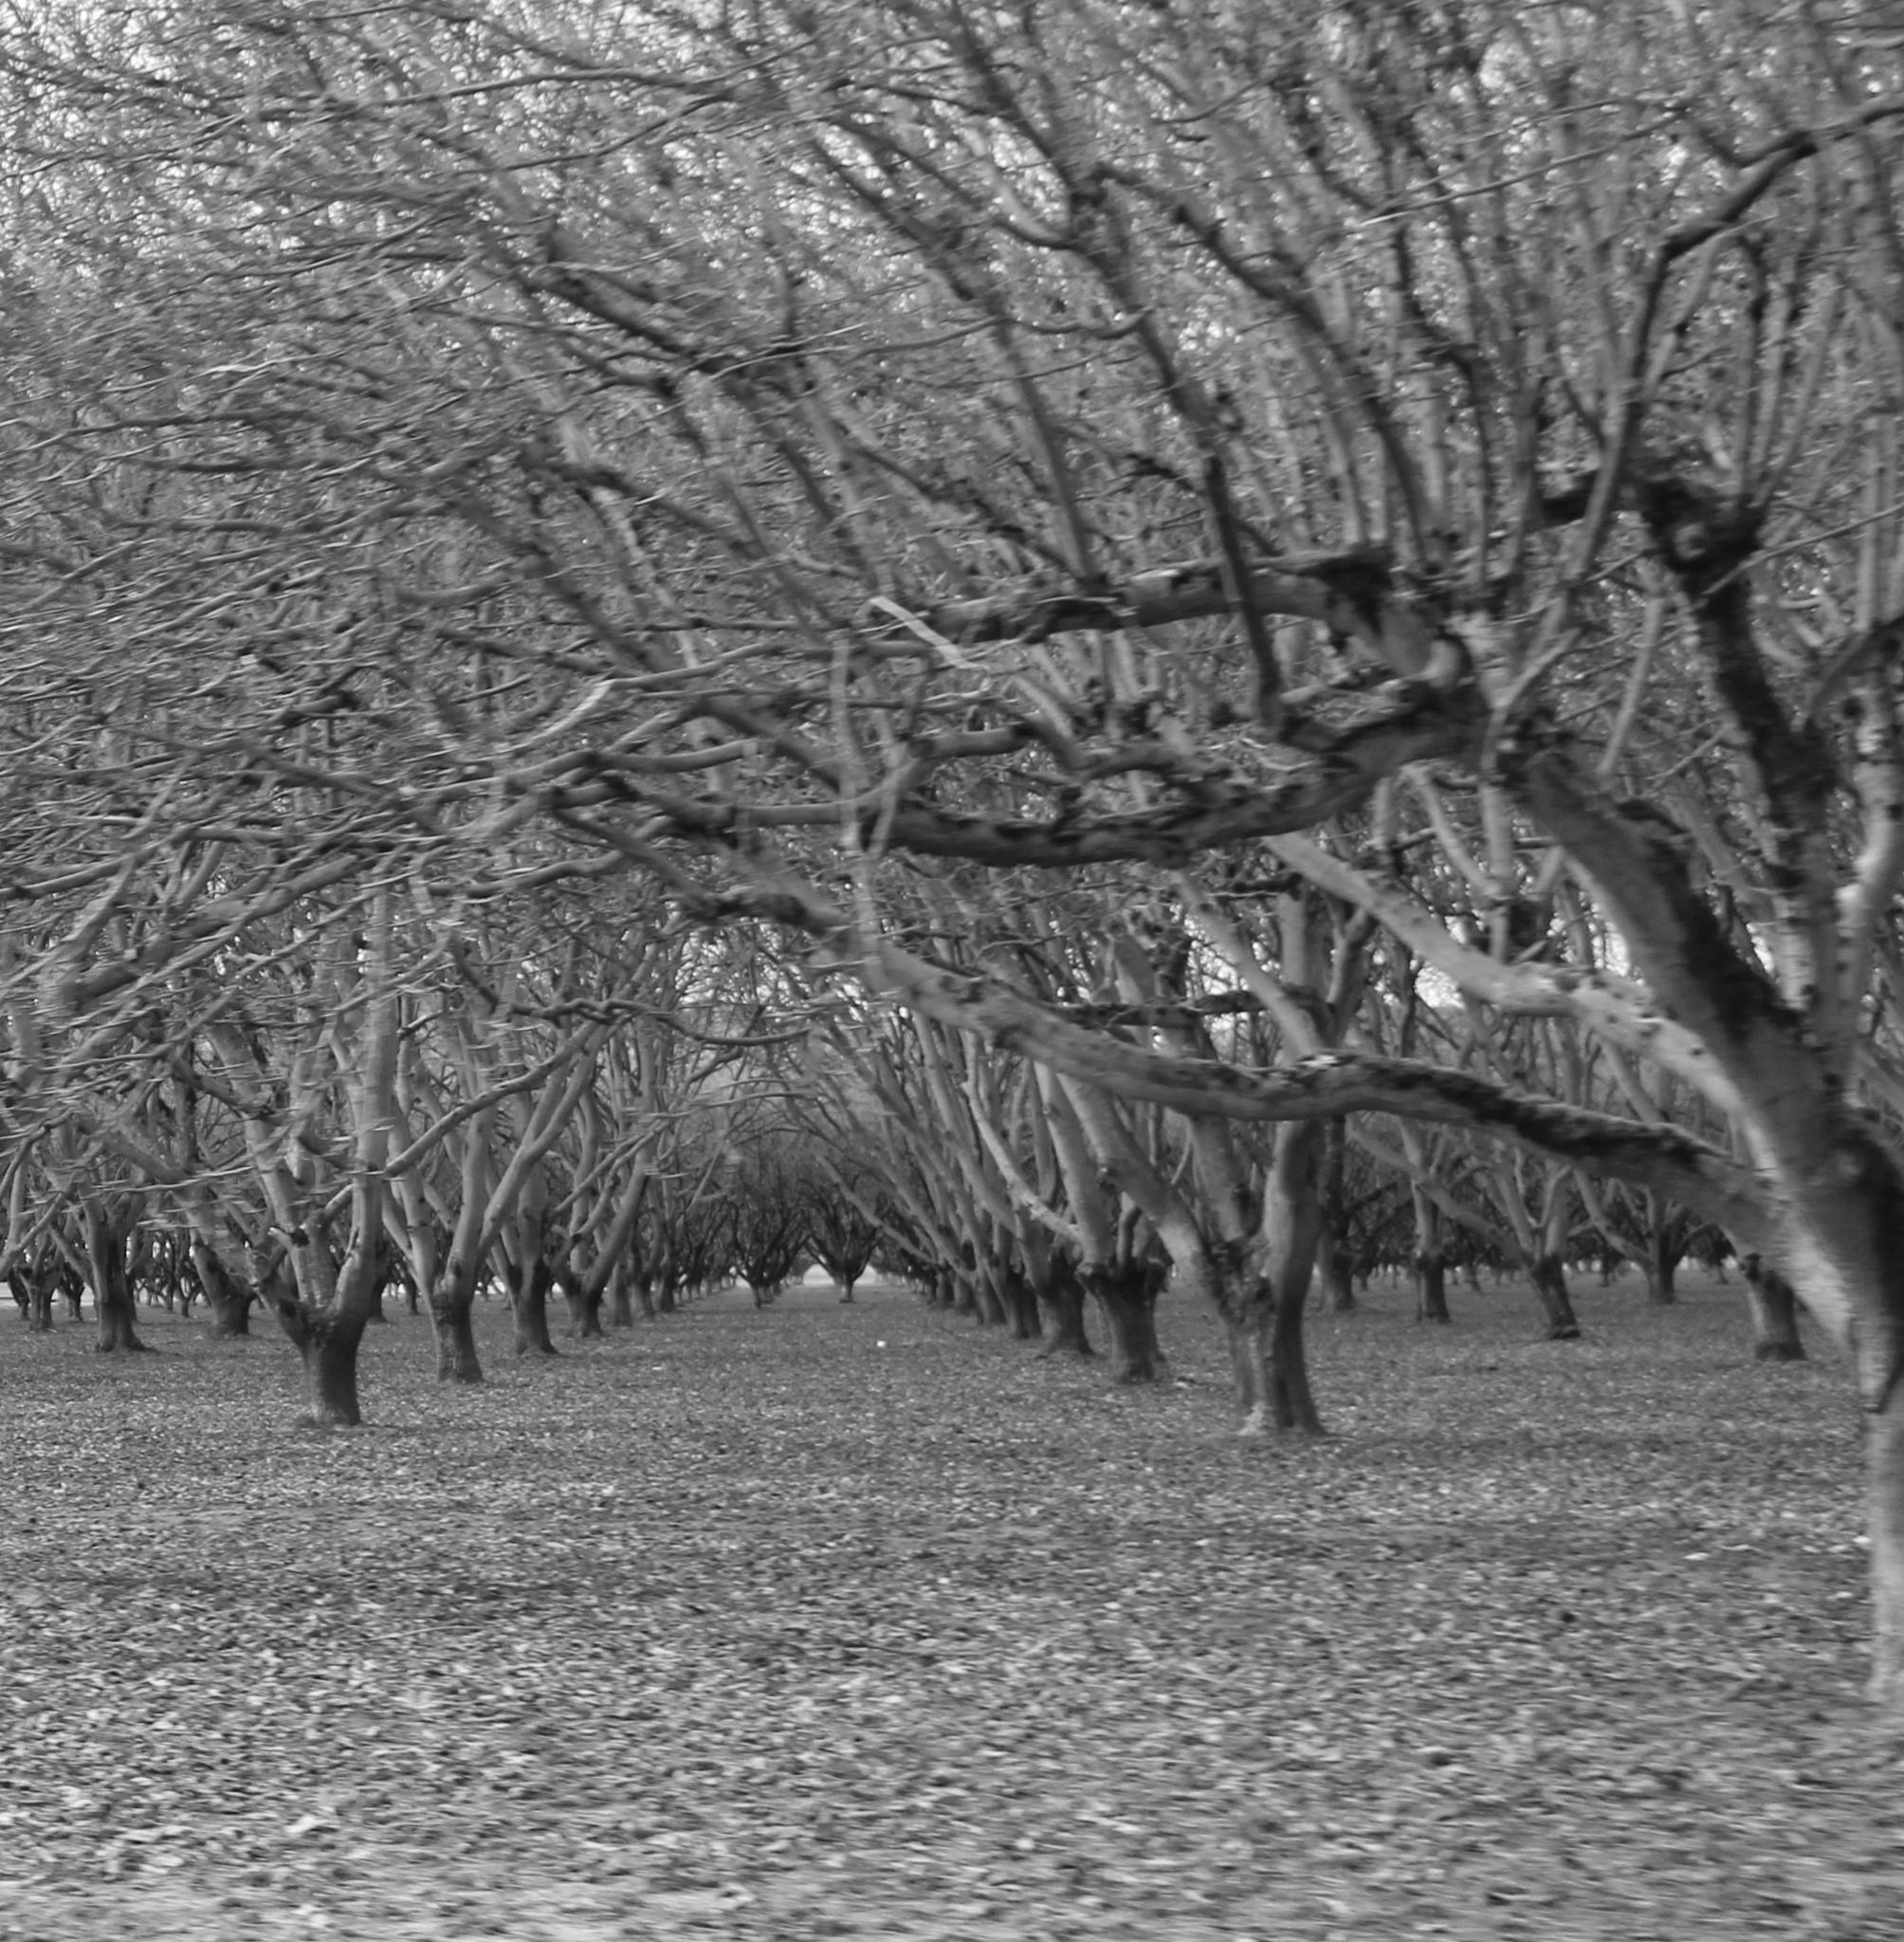 Barren Land by Mimipics